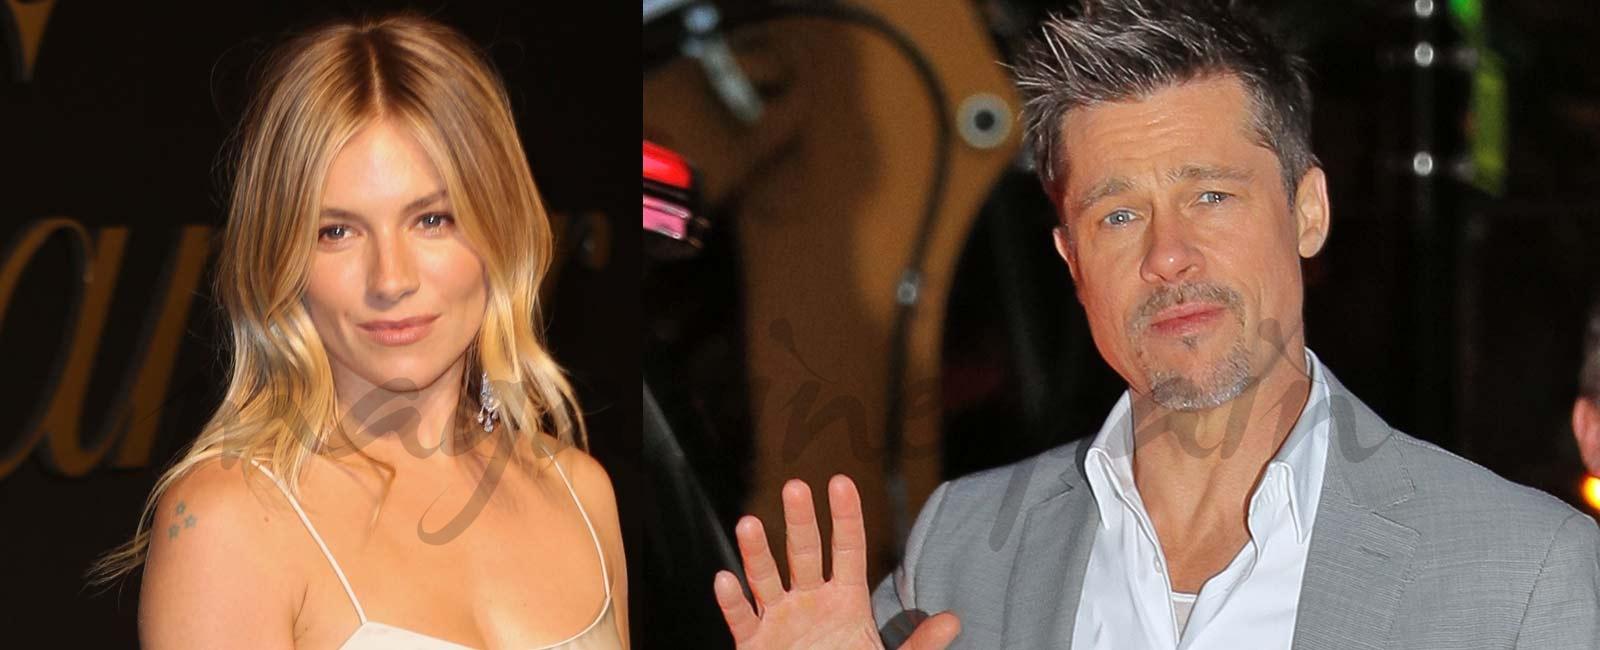 Brad Pitt y Sienna Miller… El romance «secreto» del que todo el mundo habla